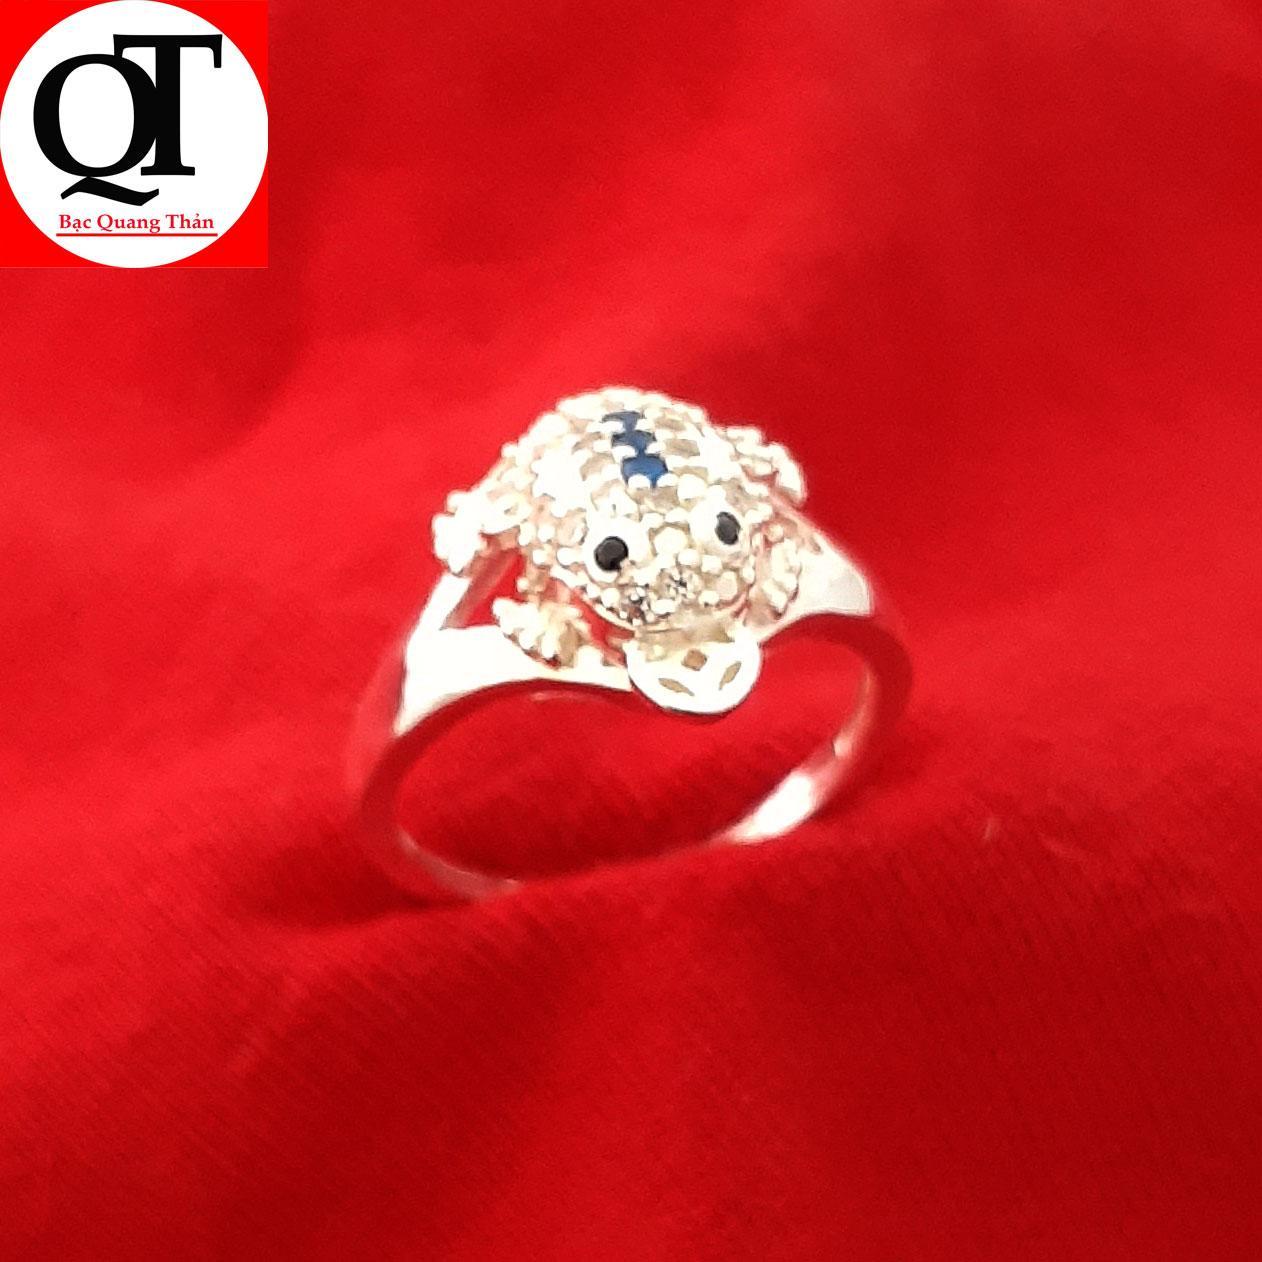 Nhẫn nữ Bạc Quang Thản, nhẫn bạc con Cóc ngậm kim tiền chất liệu bạc thật không xi mạ có thể chỉnh size tay yêu cầu, thíc hợp đeo phong thủy, thời trang – QTNU29